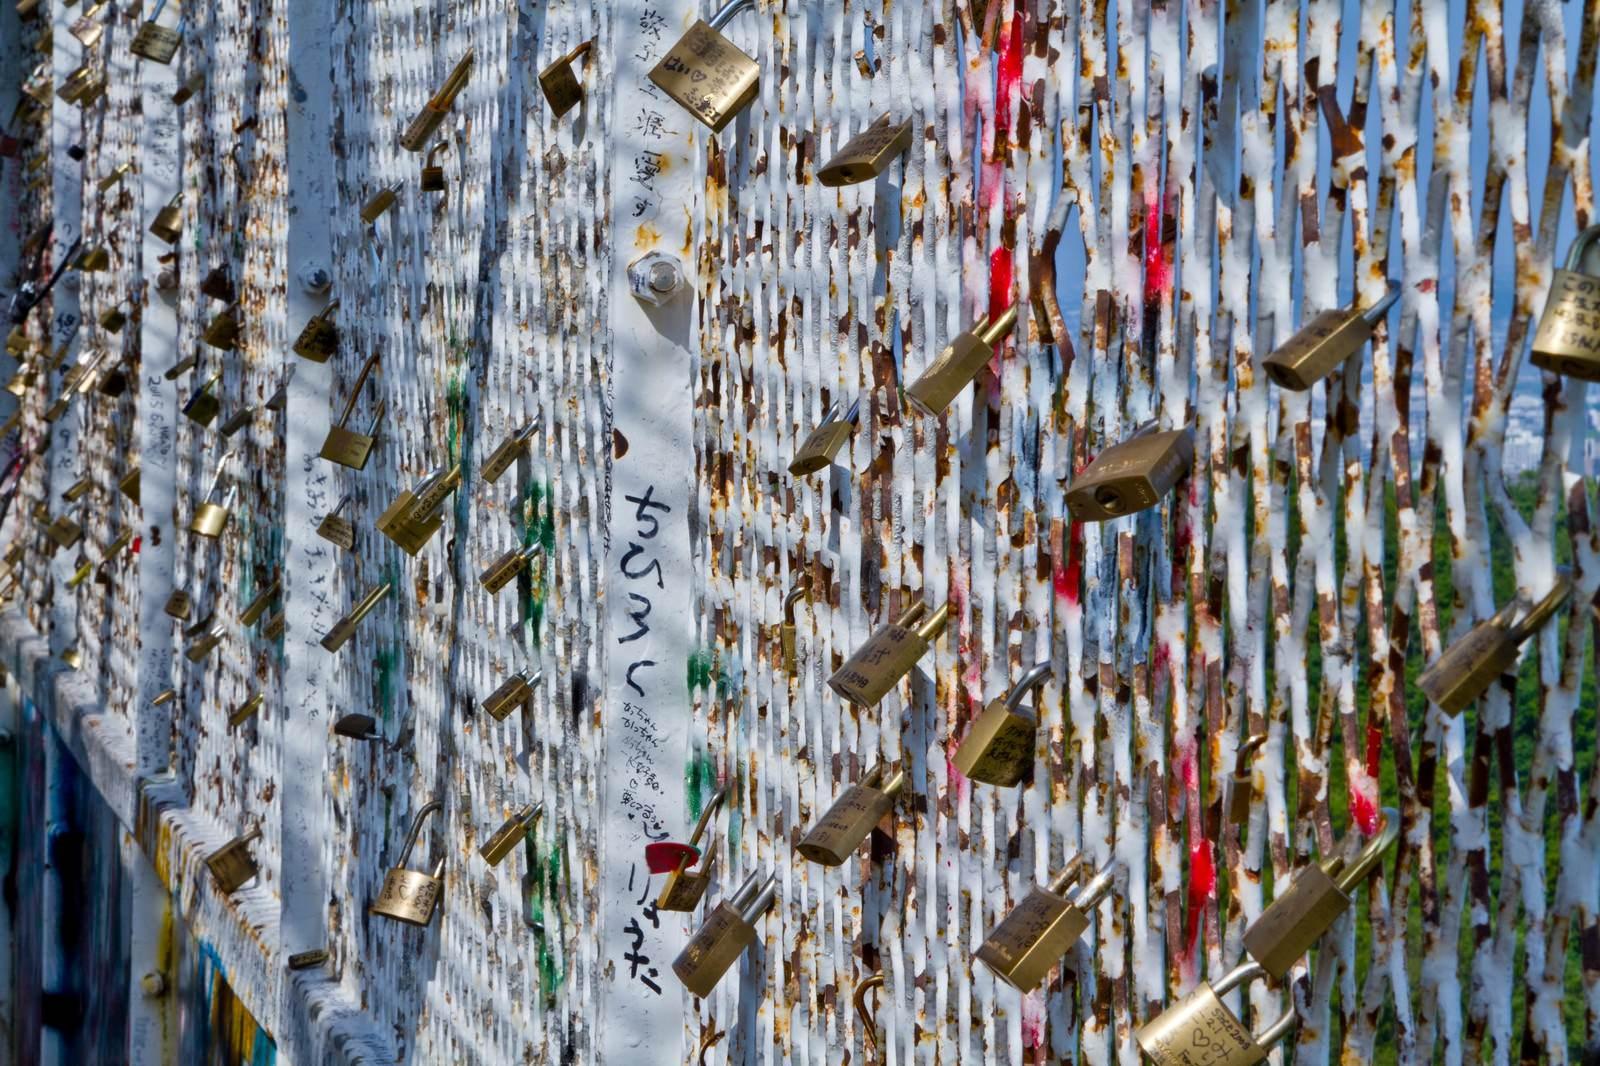 「括り付けられた異様な雰囲気の南京錠」の写真